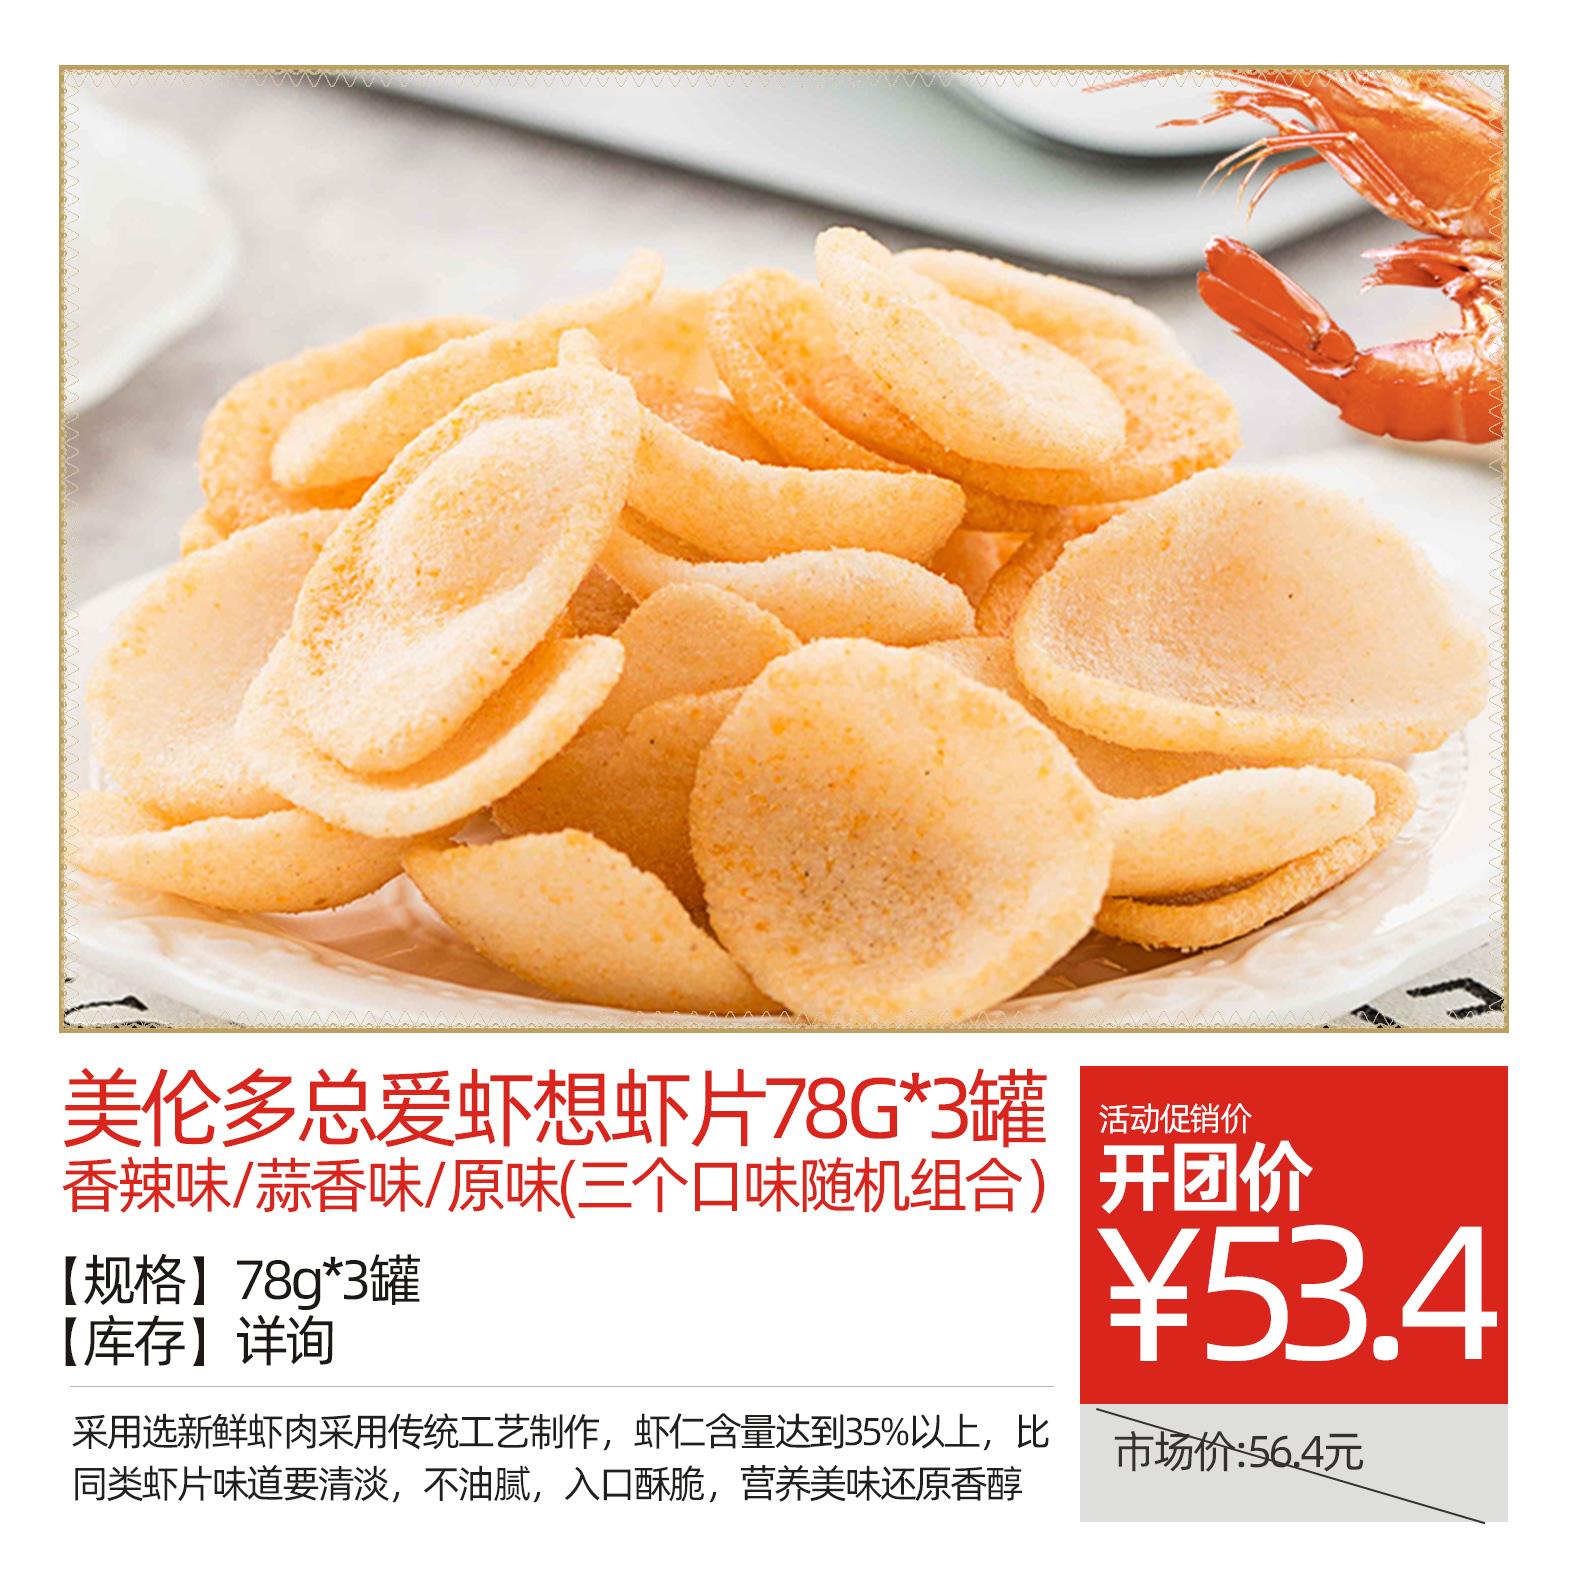 美伦多·78g*3/罐总爱虾想/香辣味、蒜香味、原味虾片(三个口味随机组合)